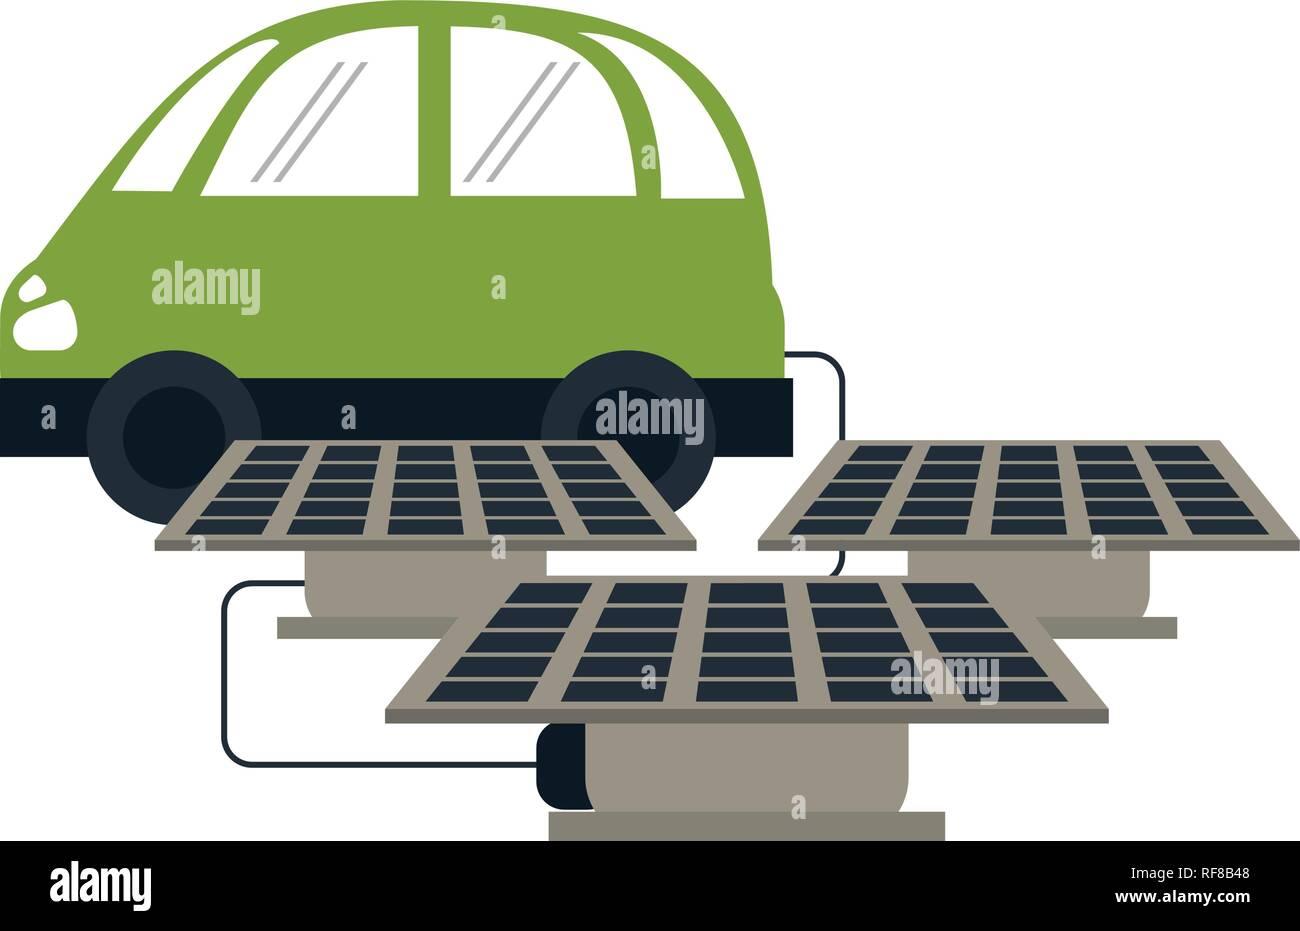 Solar Power Car Stock Photos Amp Solar Power Car Stock